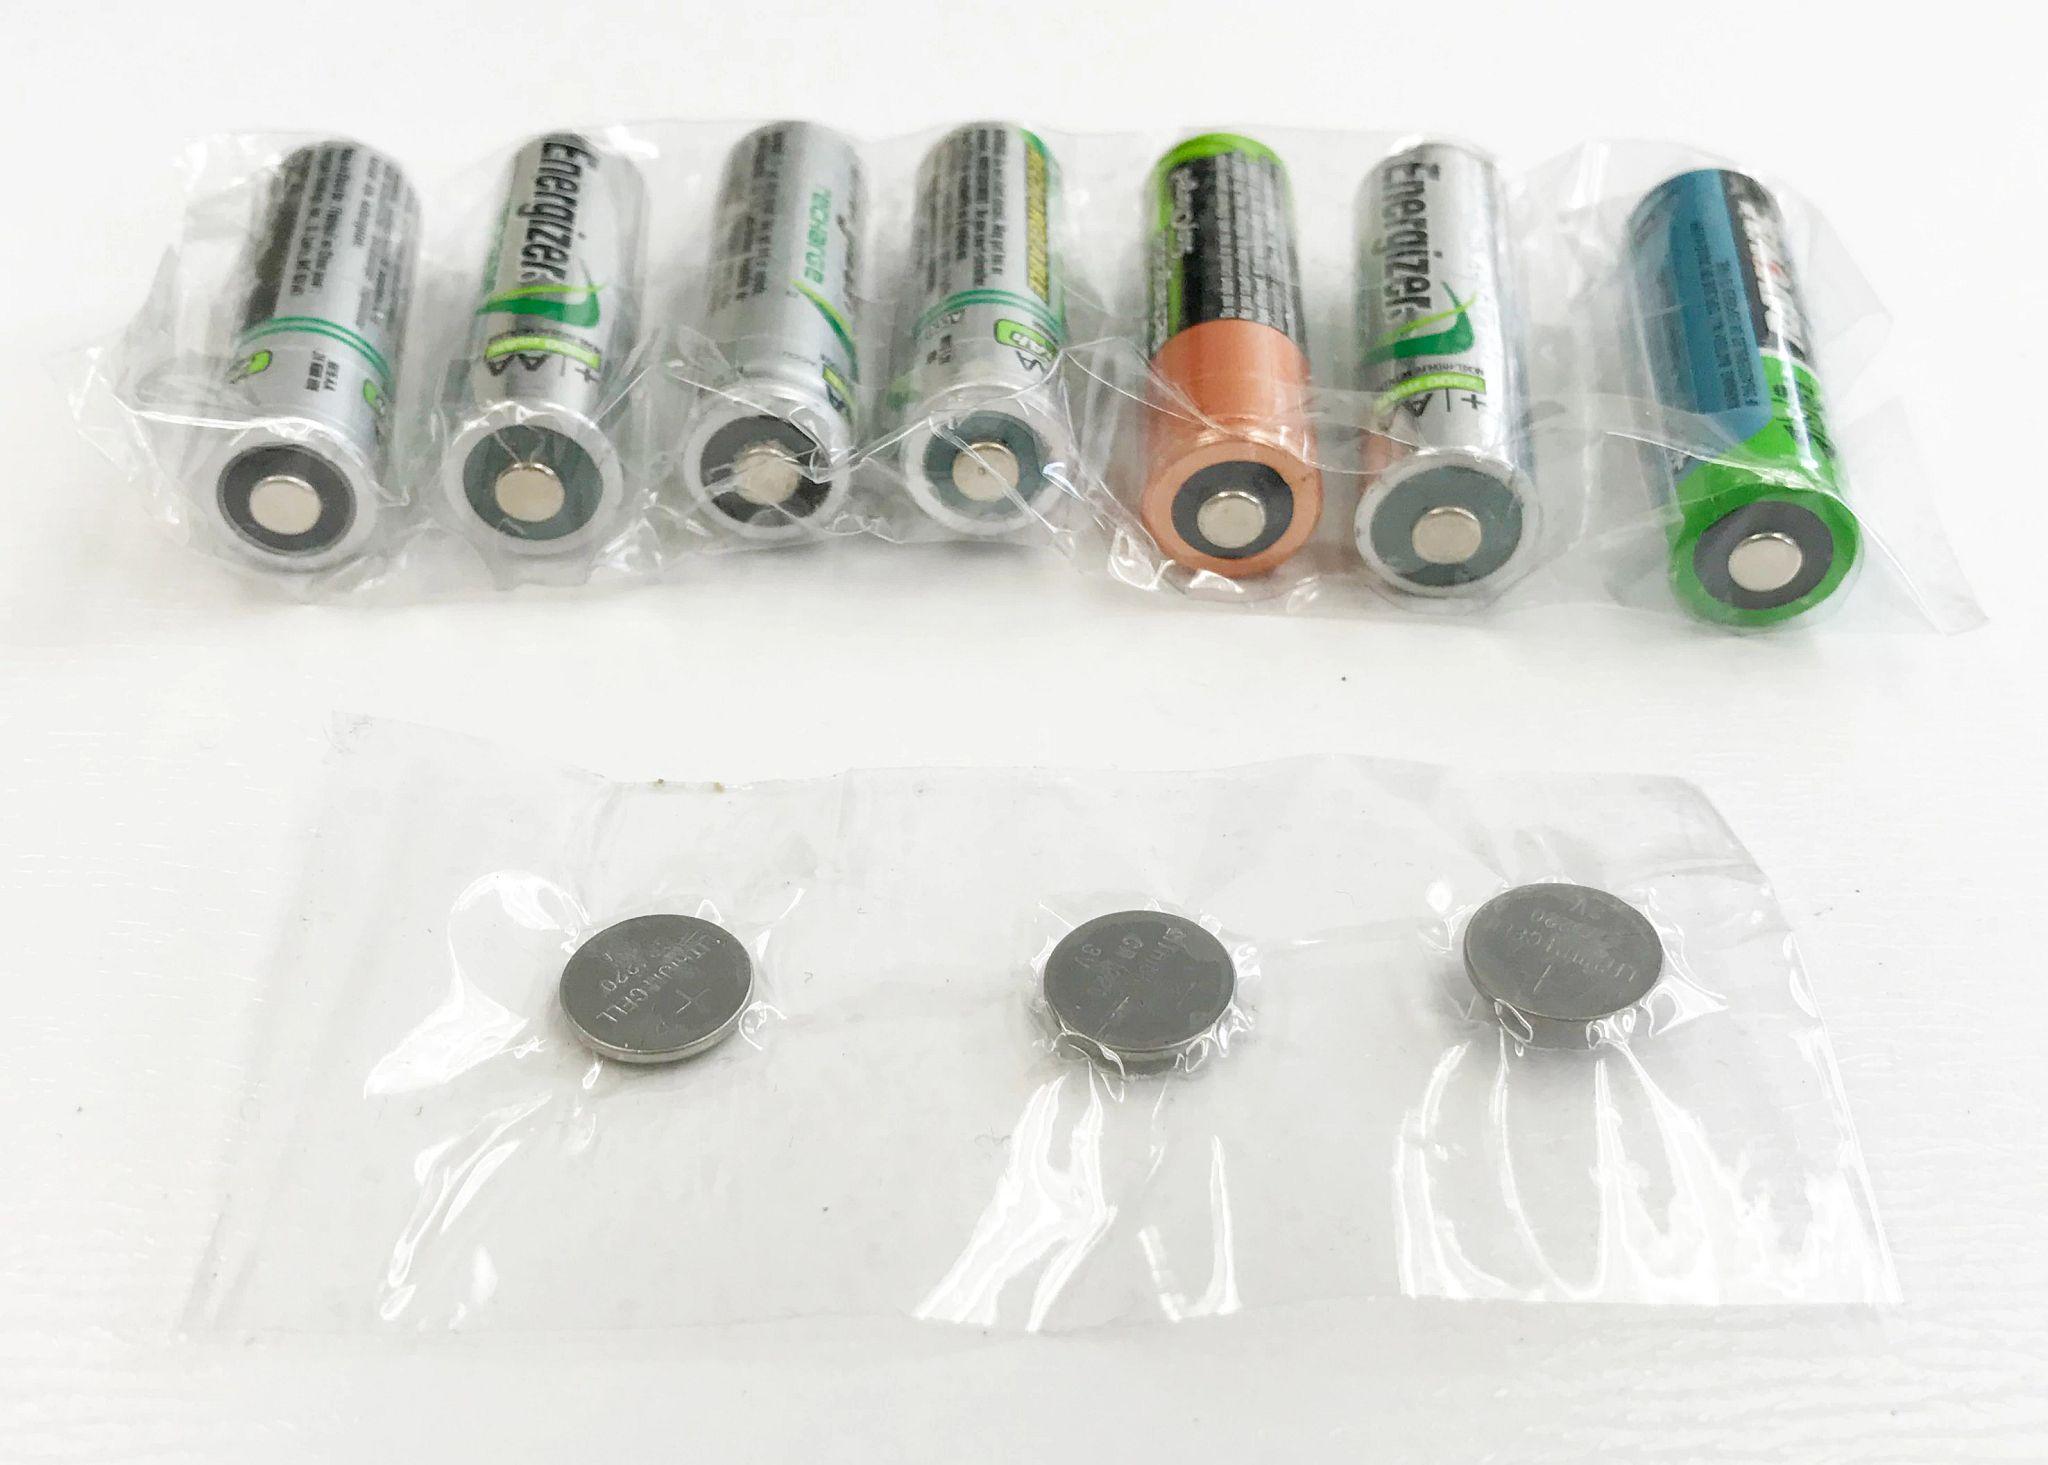 BatteriesTaped.jpg